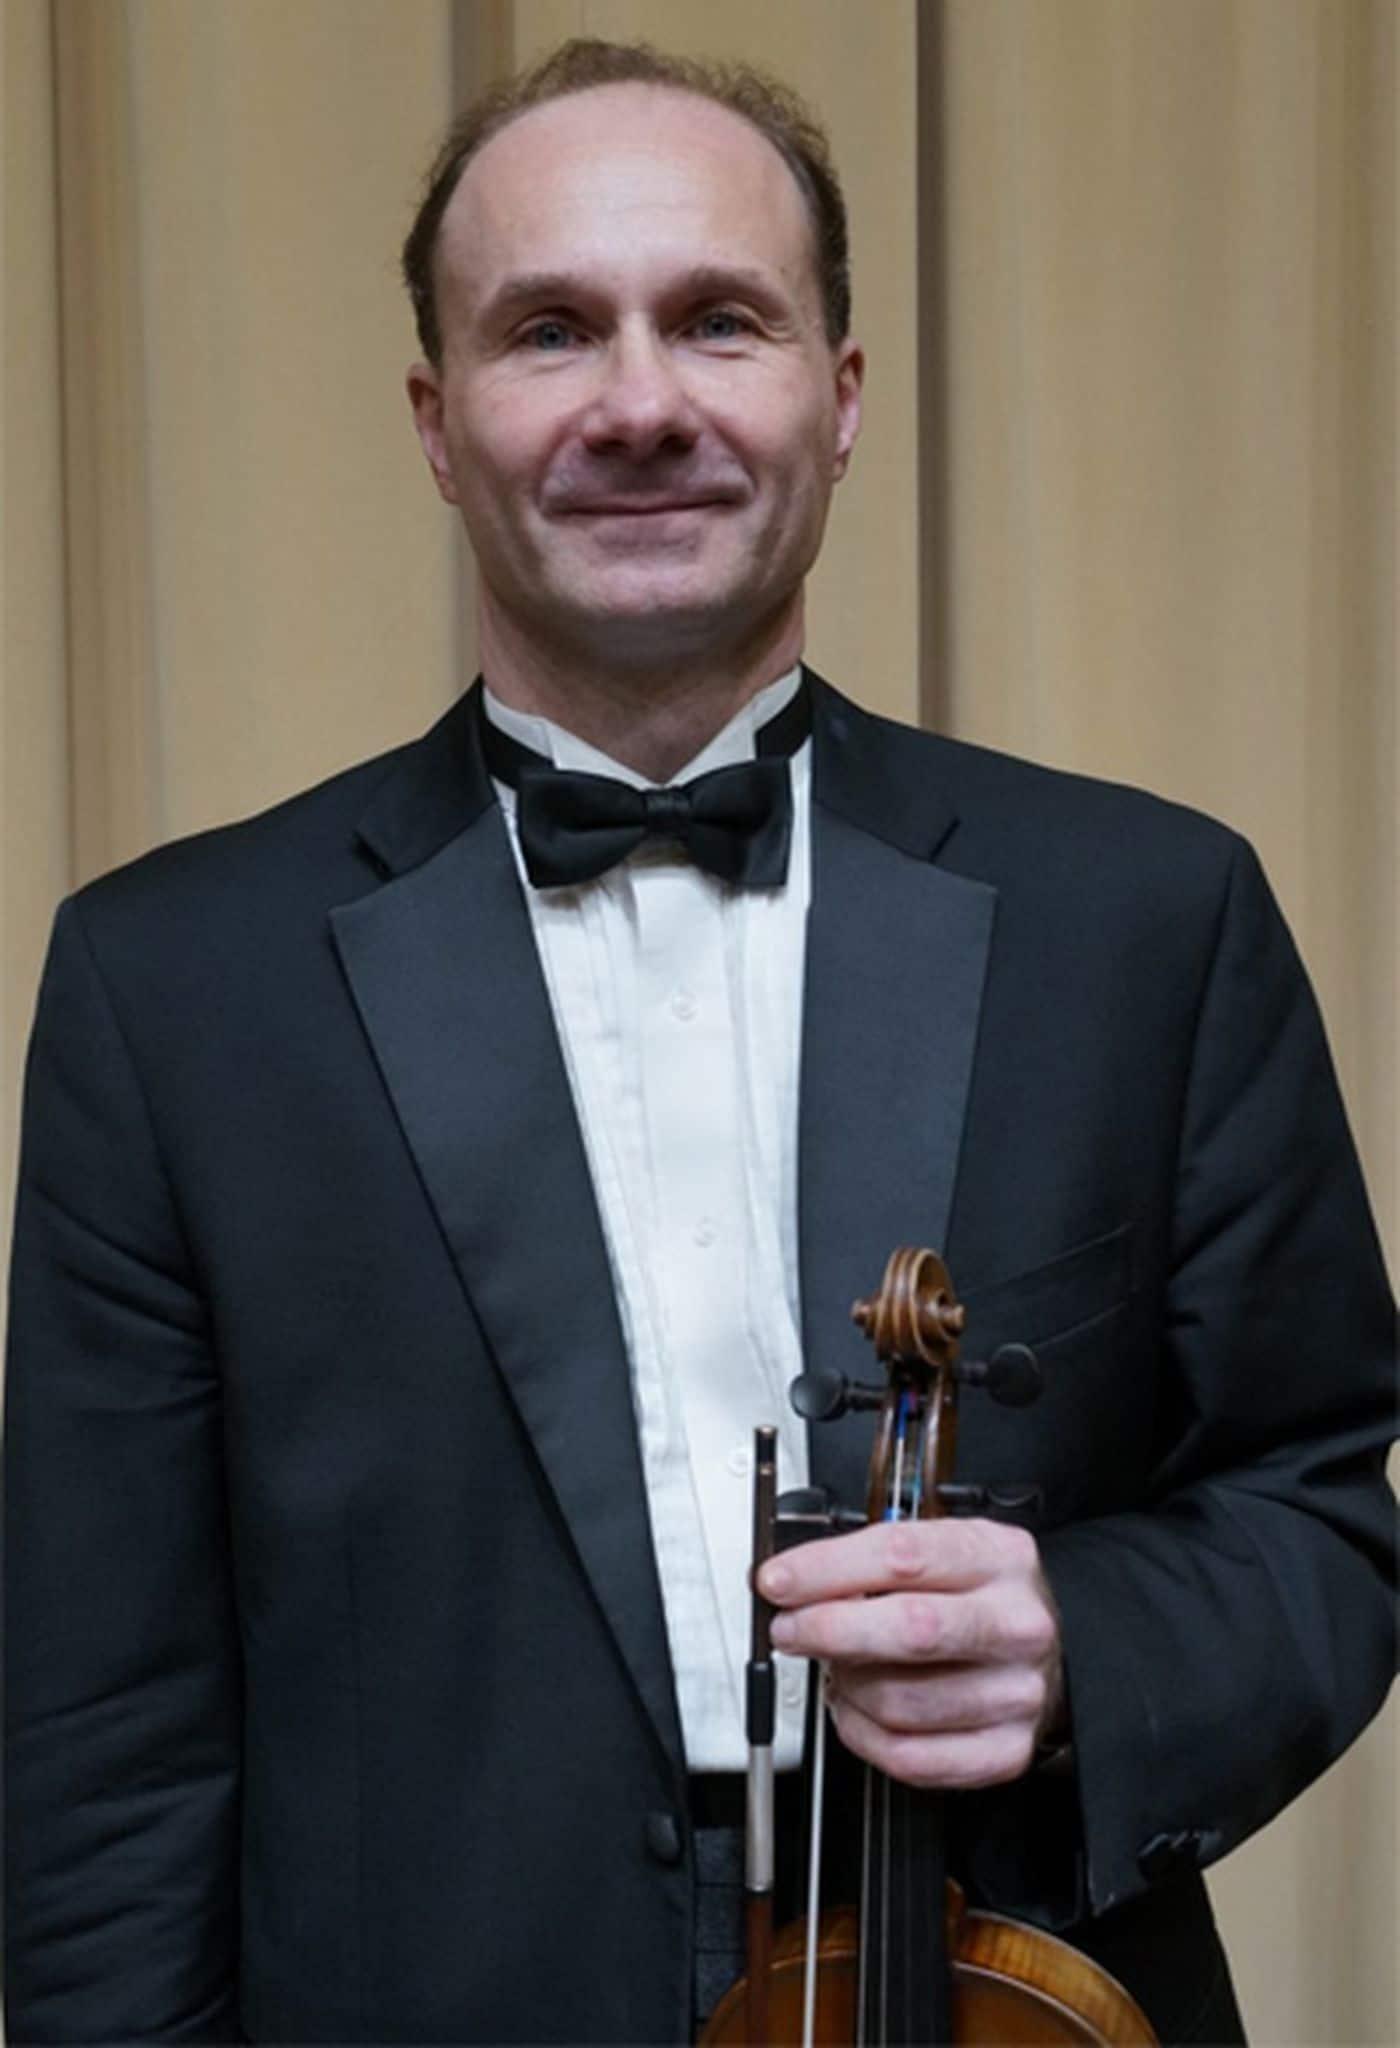 US concertmaster offers $5,000 for return of stolen violin